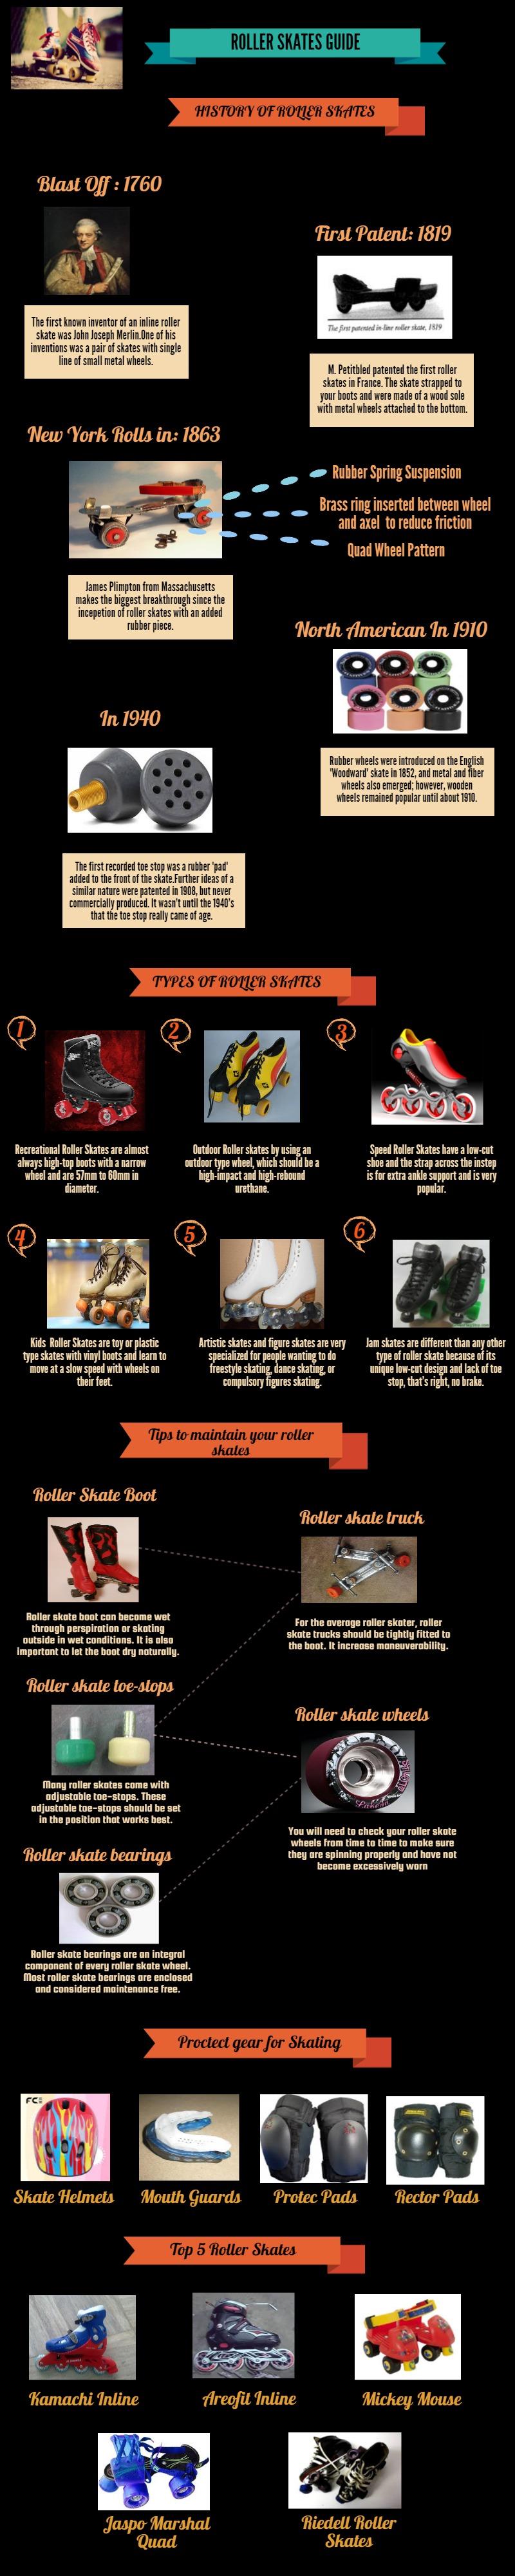 Roller Skates Guide